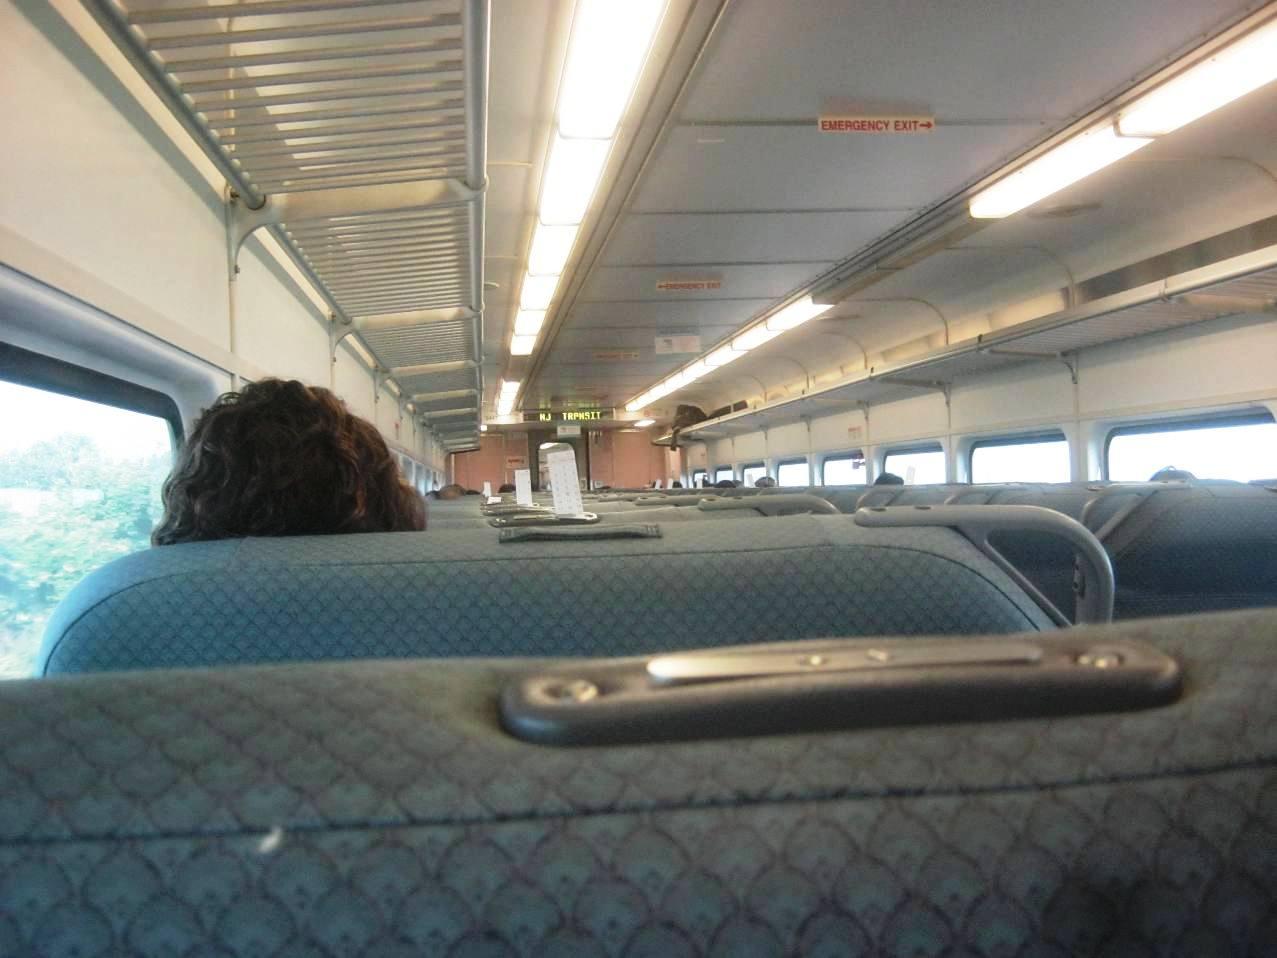 NJトランジット列車の内部